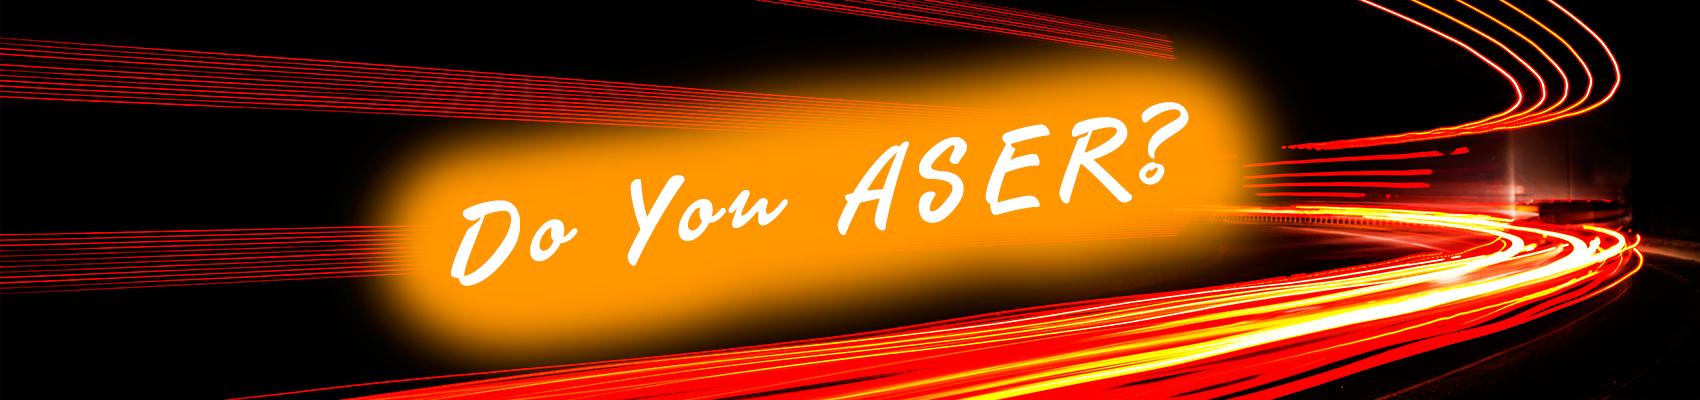 Asergeneralslider2